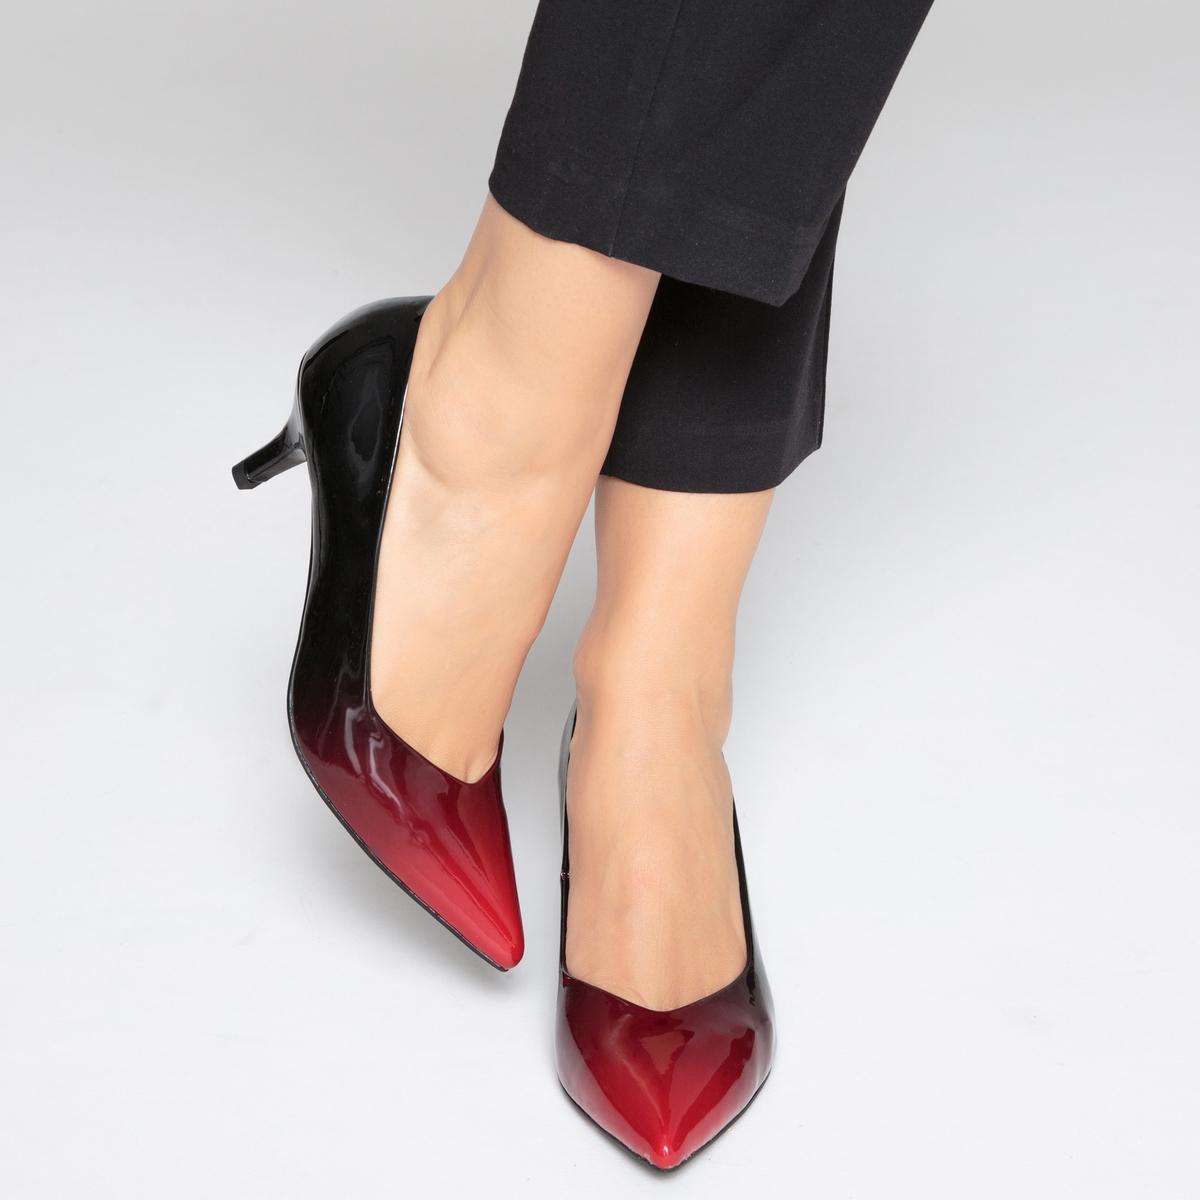 Zapatos de tacón rojos de charol, efecto degradé